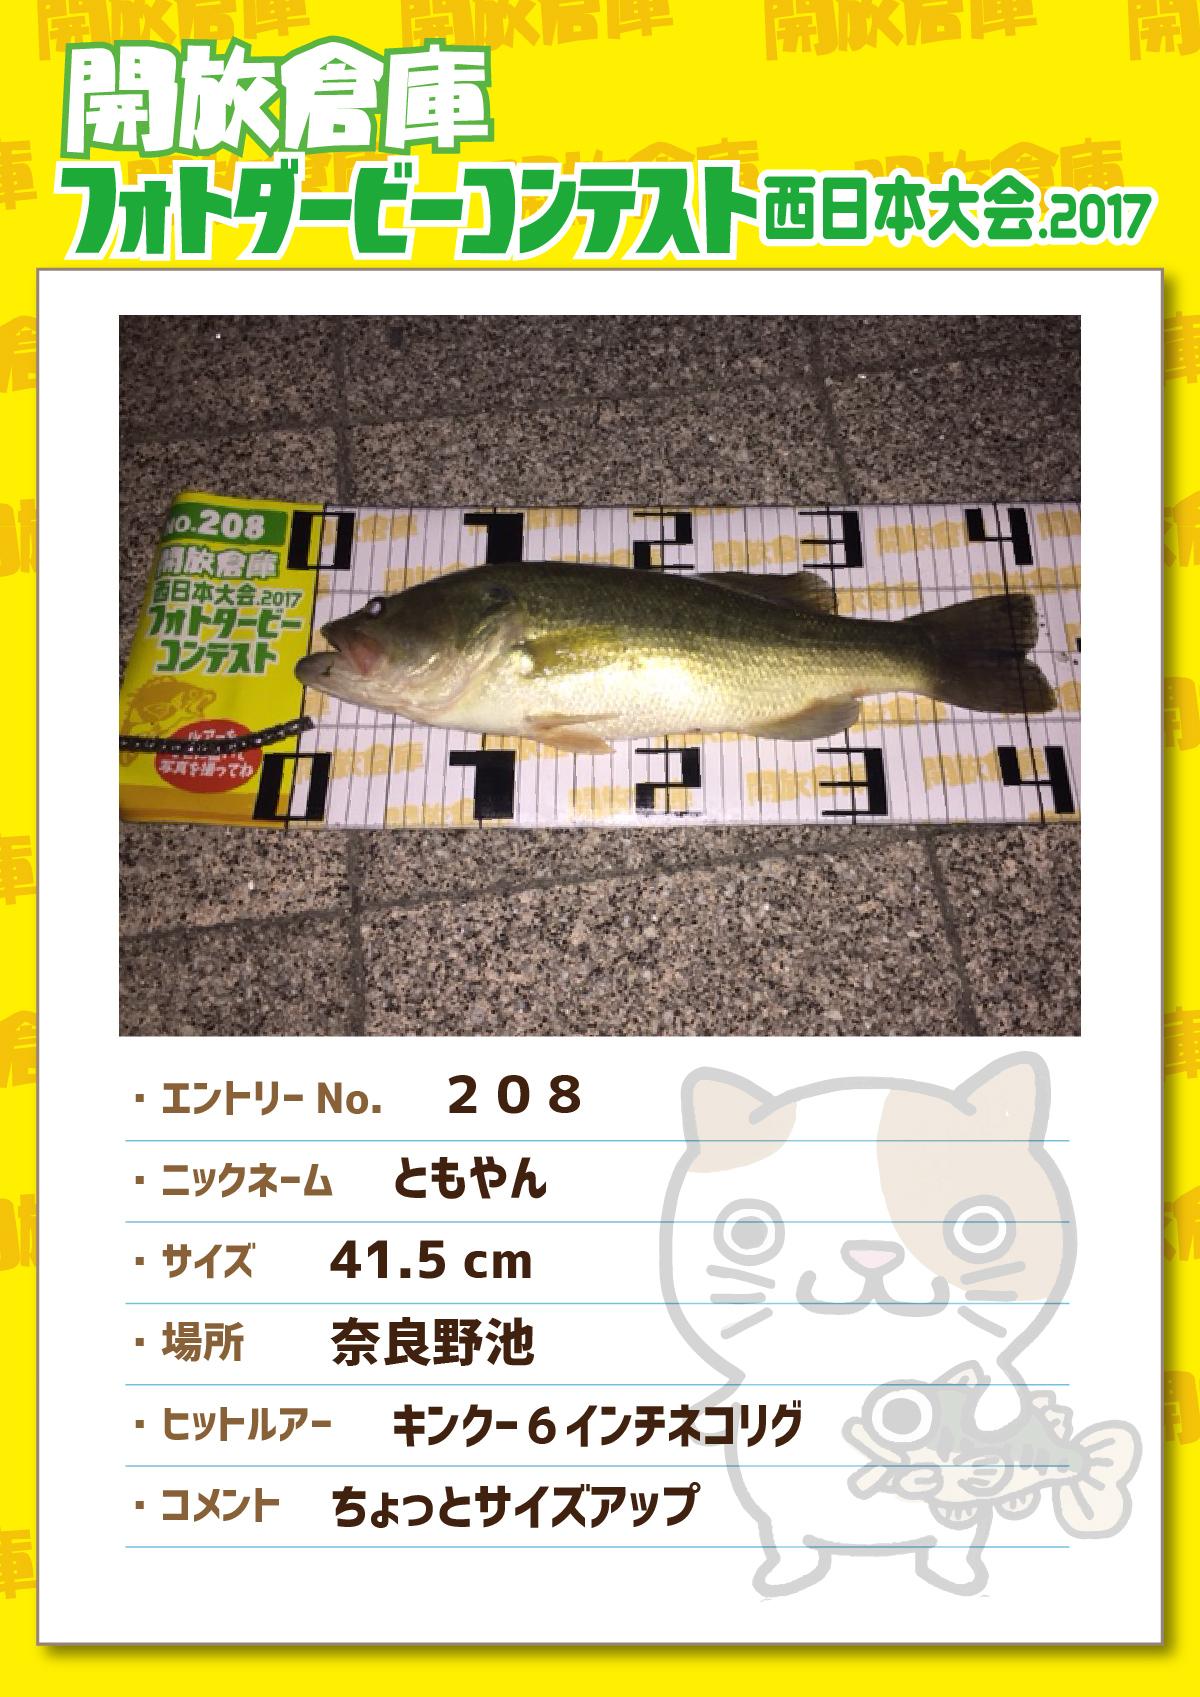 No.208 ともやん 41.5cm 奈良野池 キンクー6インチネコリグ ちょっとサイズアップ